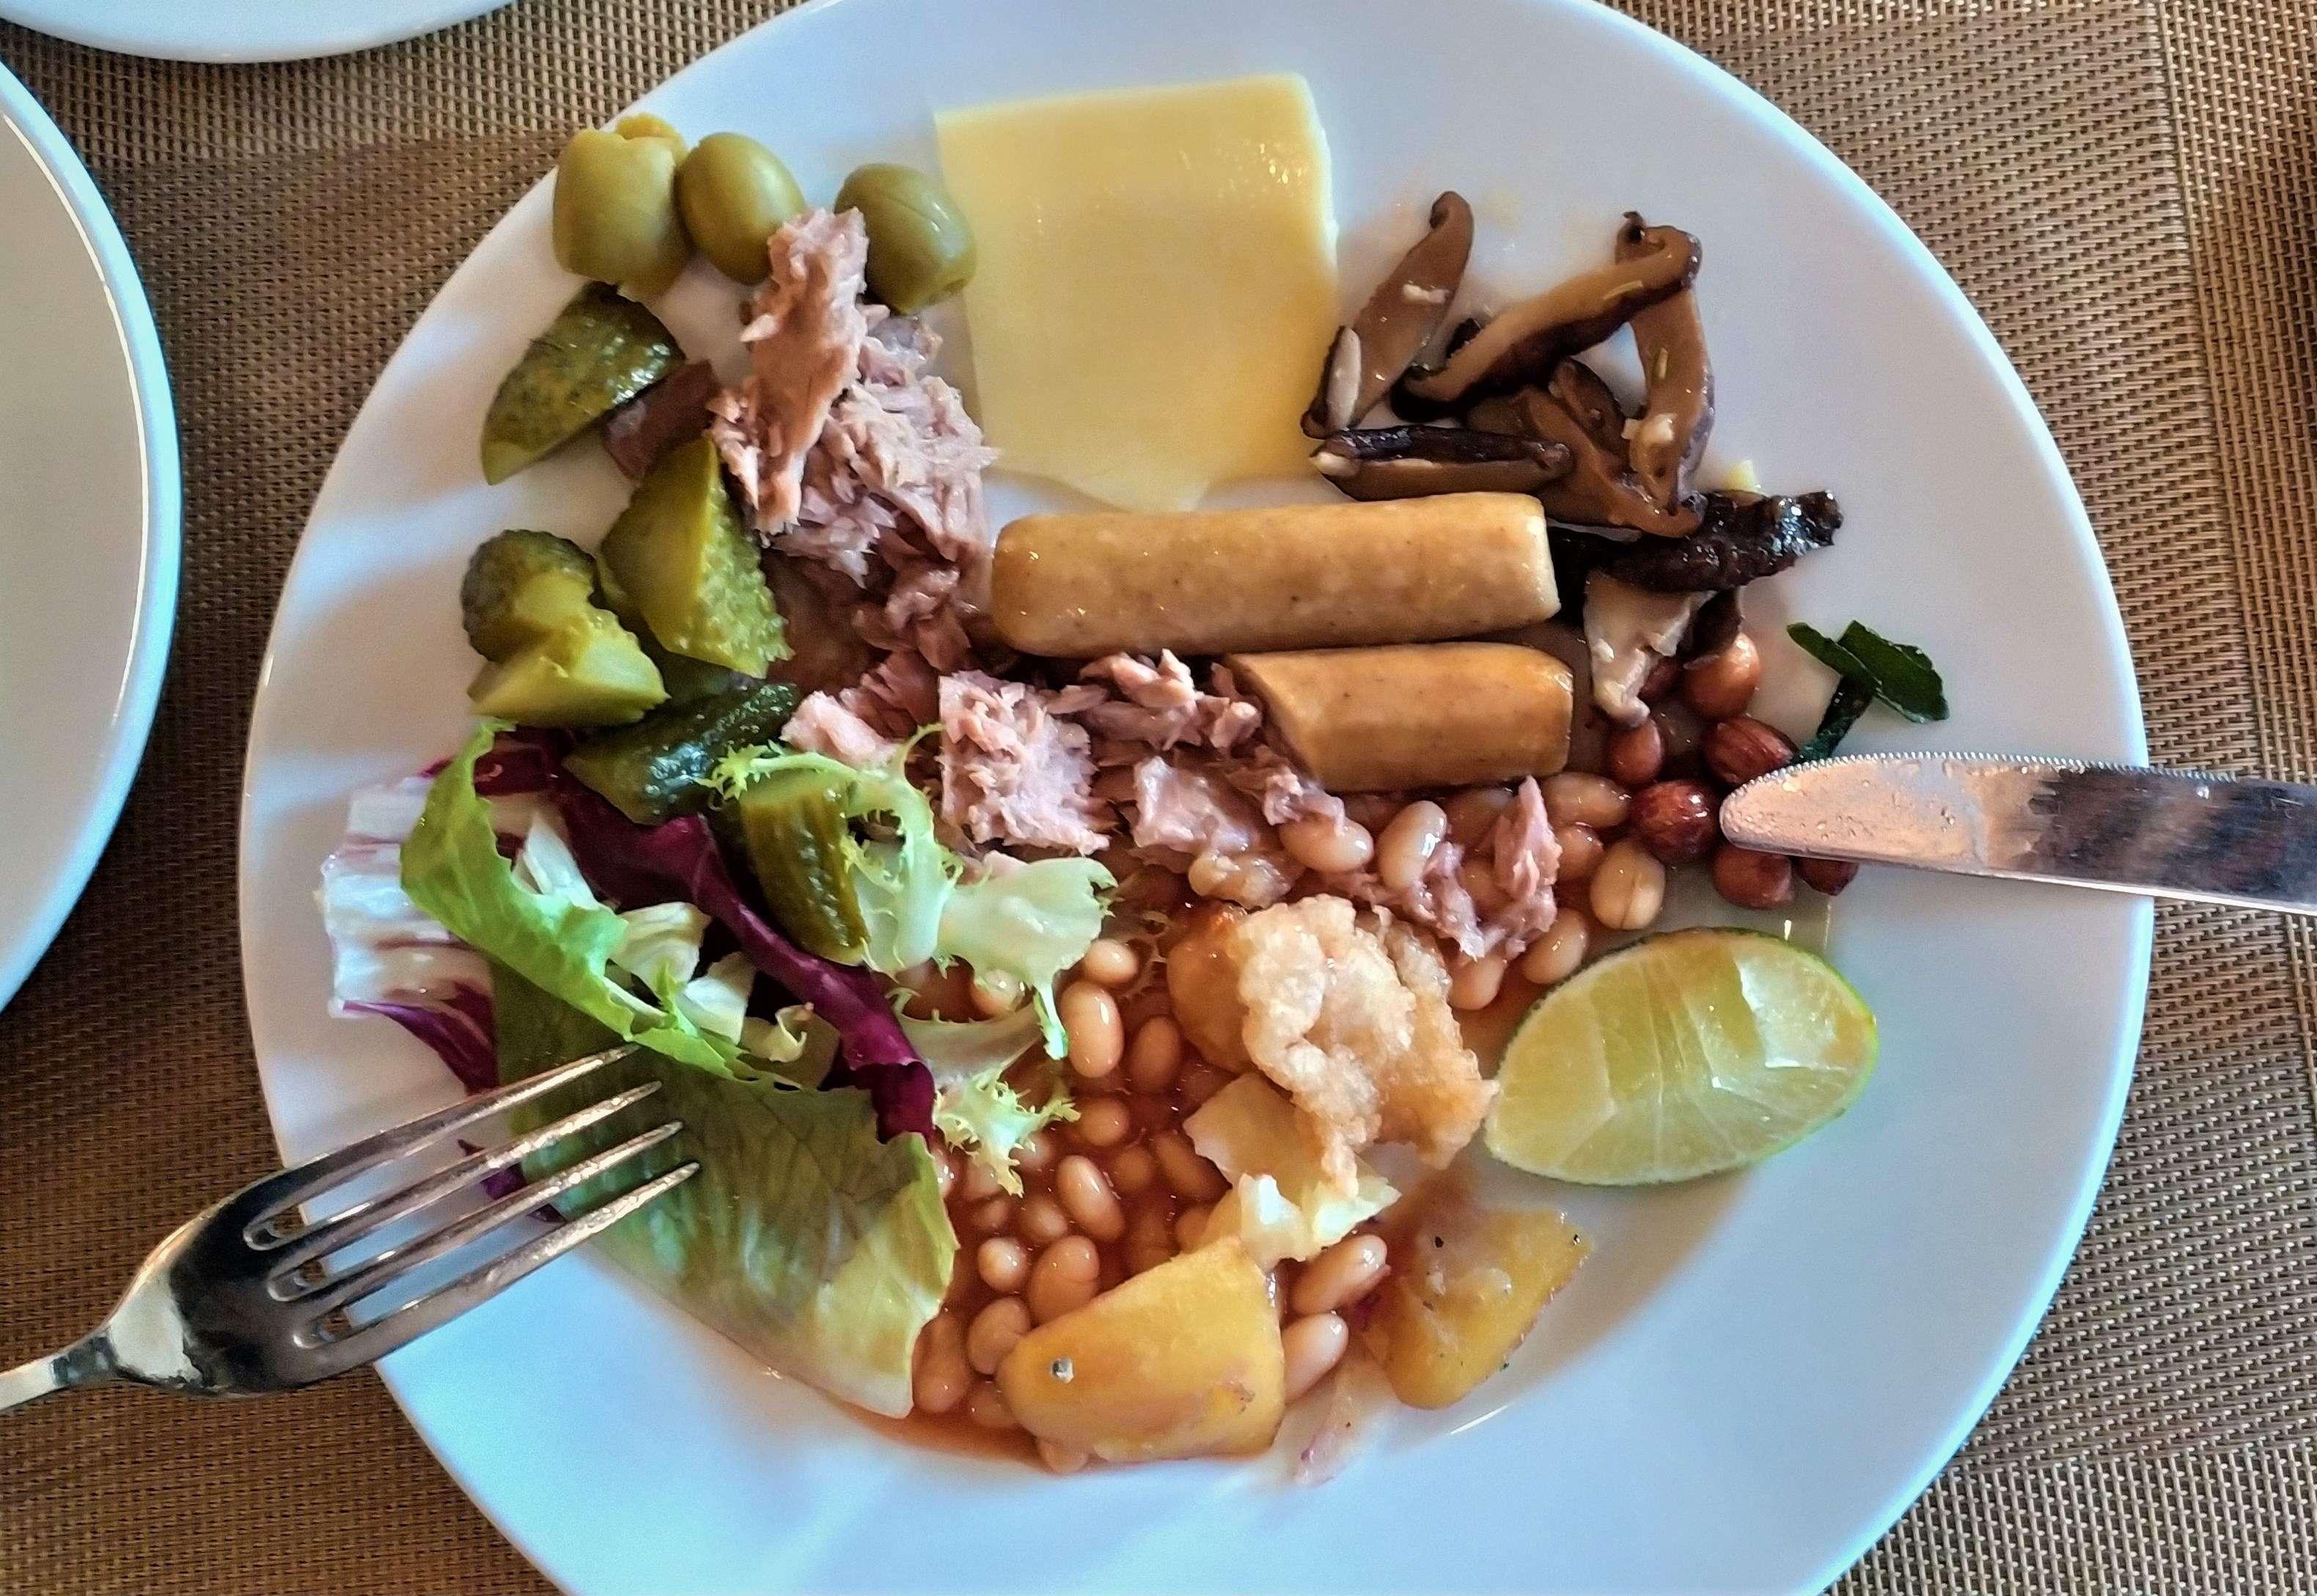 Завтрак с мясом морского тунца, куриными сосисками, белой фасолью, сыром, оливками, грибами, корнишонами, арахисом, кусочком рыбы в кляре, листьями салата и долькой лайма. Очень скромно и скоромно…